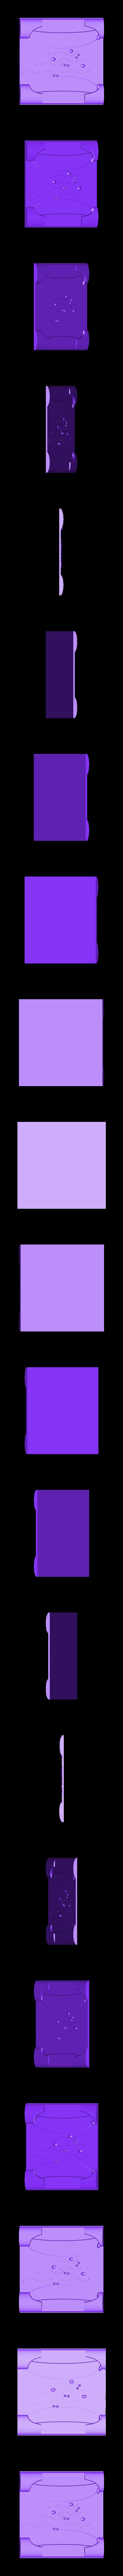 ford_straight.stl Télécharger fichier STL gratuit Eau modulaire • Objet pour imprimante 3D, Earsling